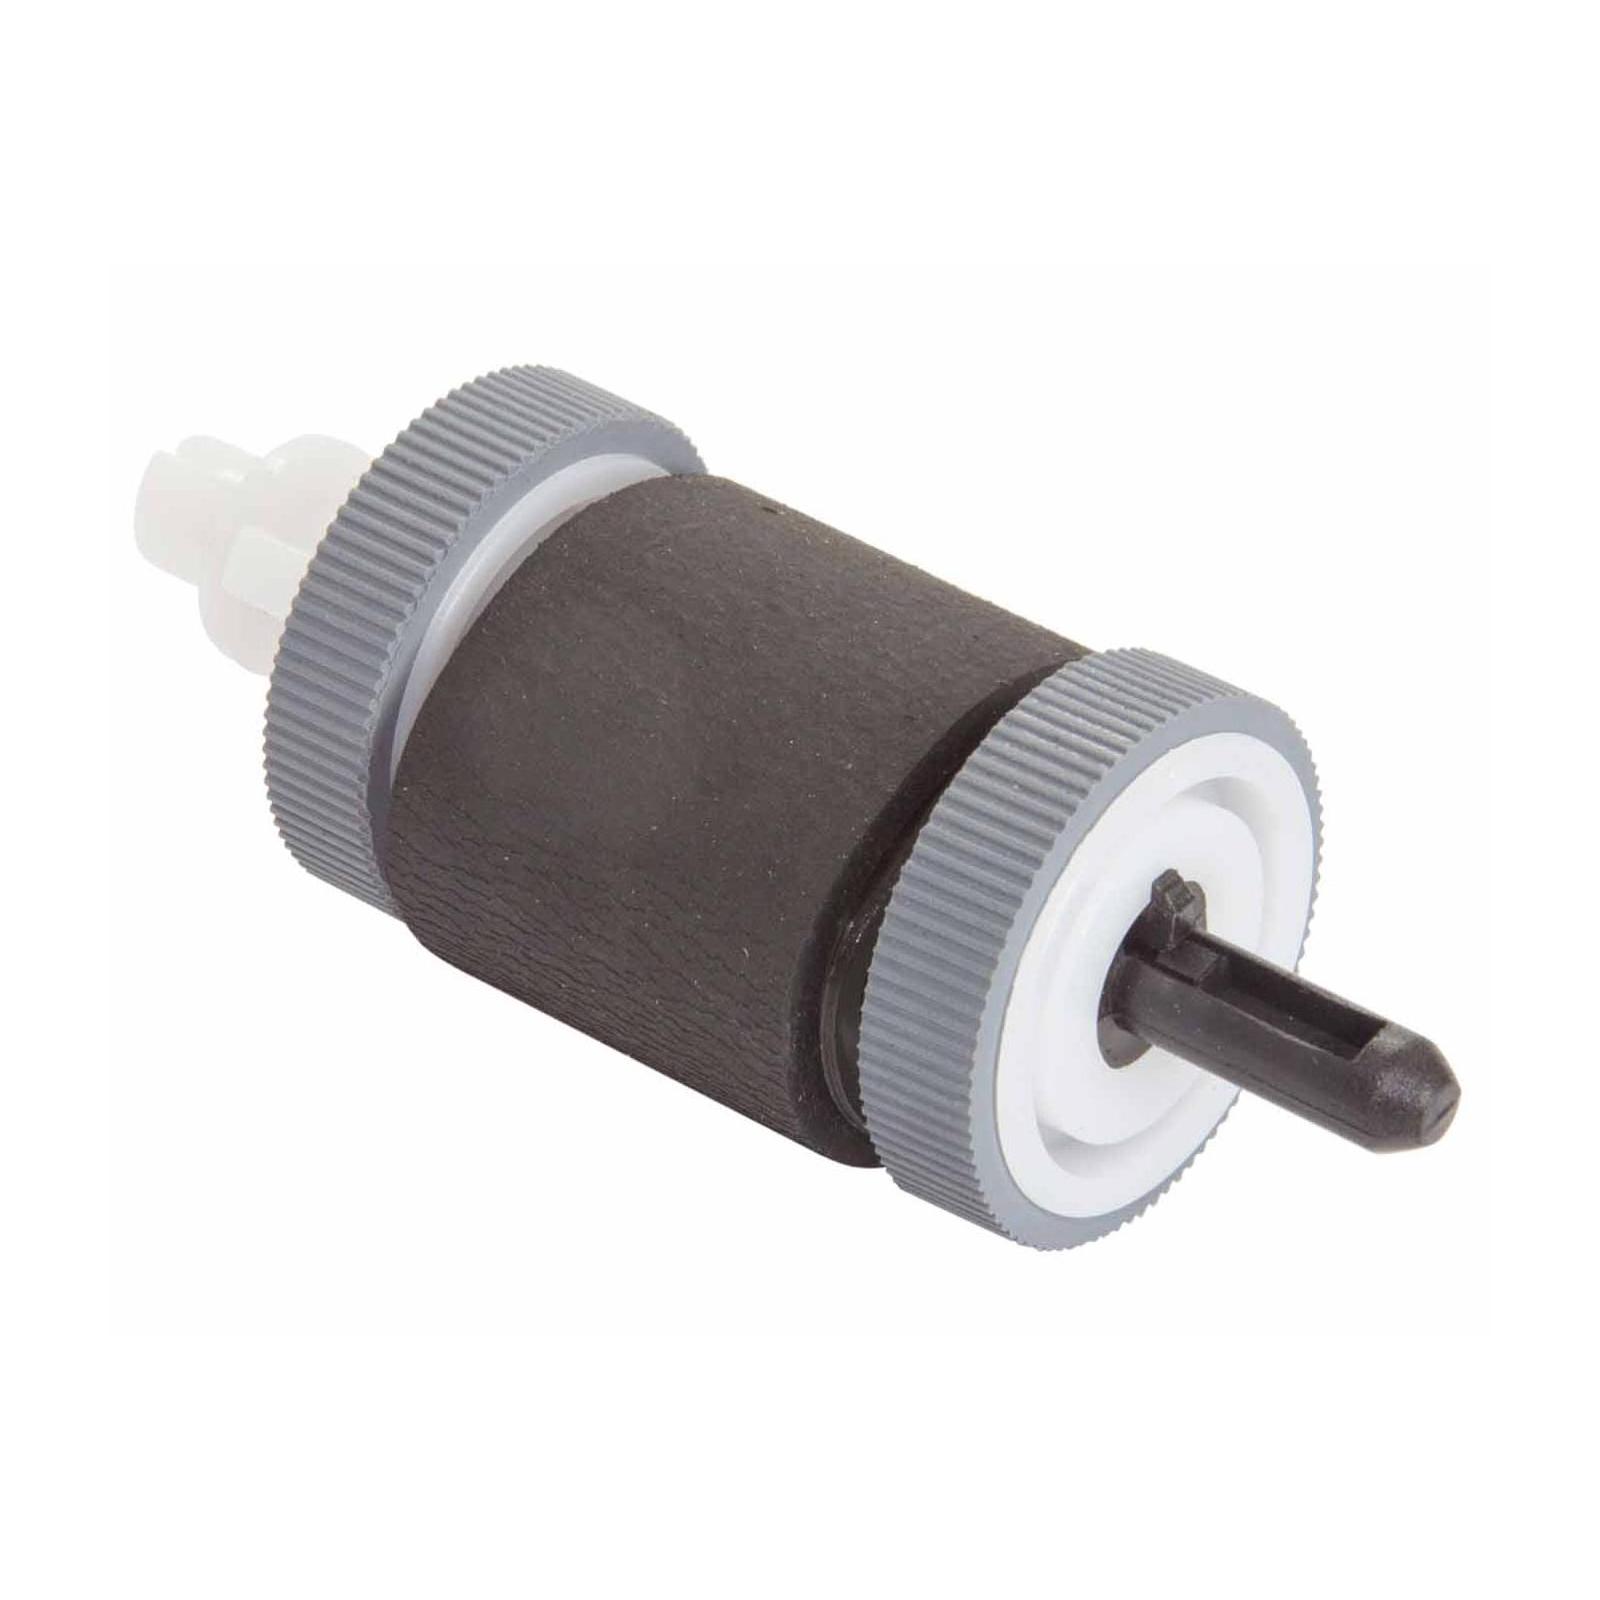 Ролик захвата бумаги BASF HP LJ P3005/P3015/M3027/M3035/P5200 (BASF-RM1-3763-000) изображение 2